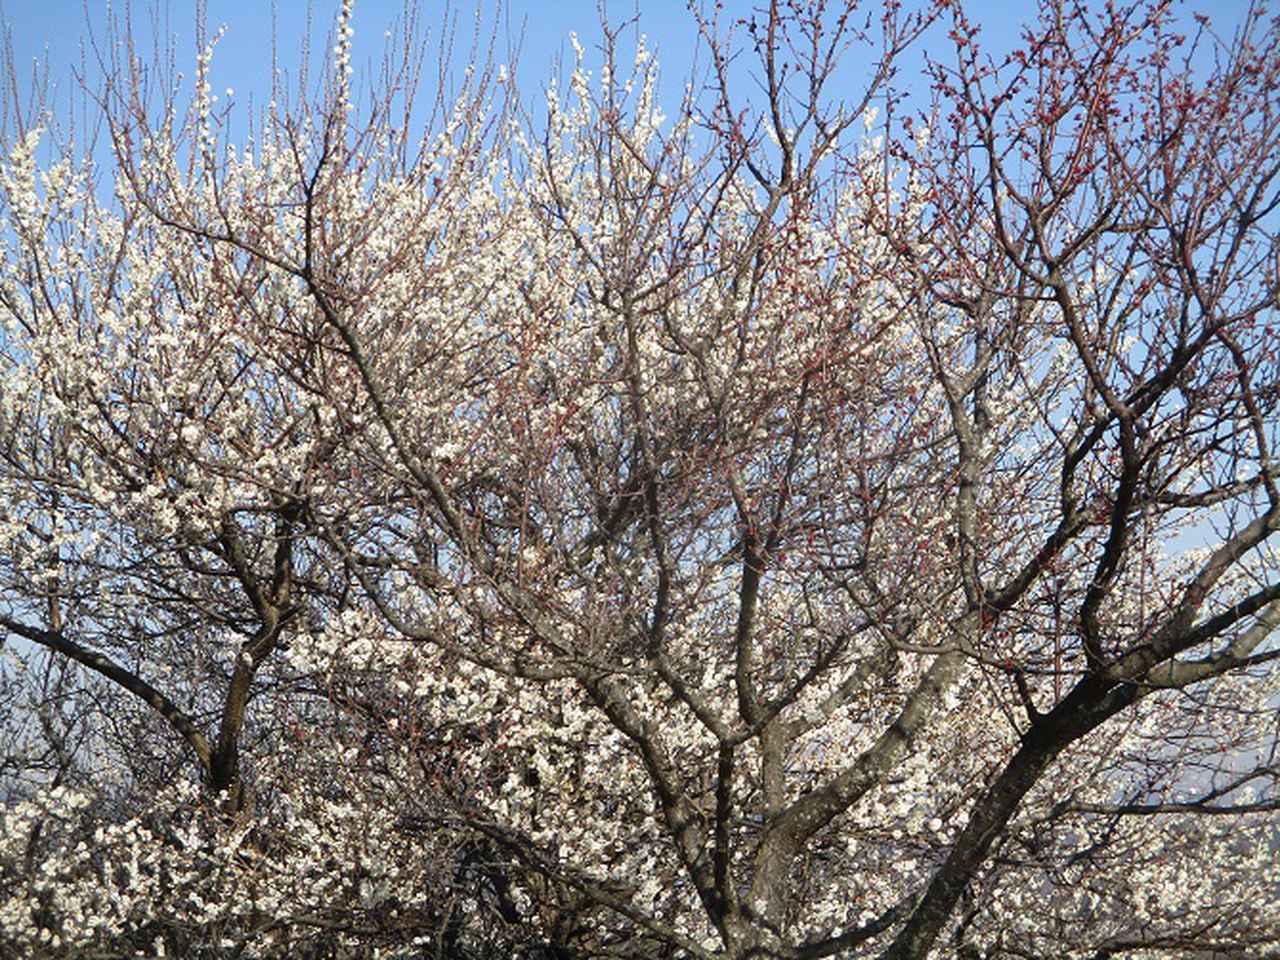 画像2: 2月8日に山旅会 田浦から乳頭山・観音塚 ツアーに行ってきました!